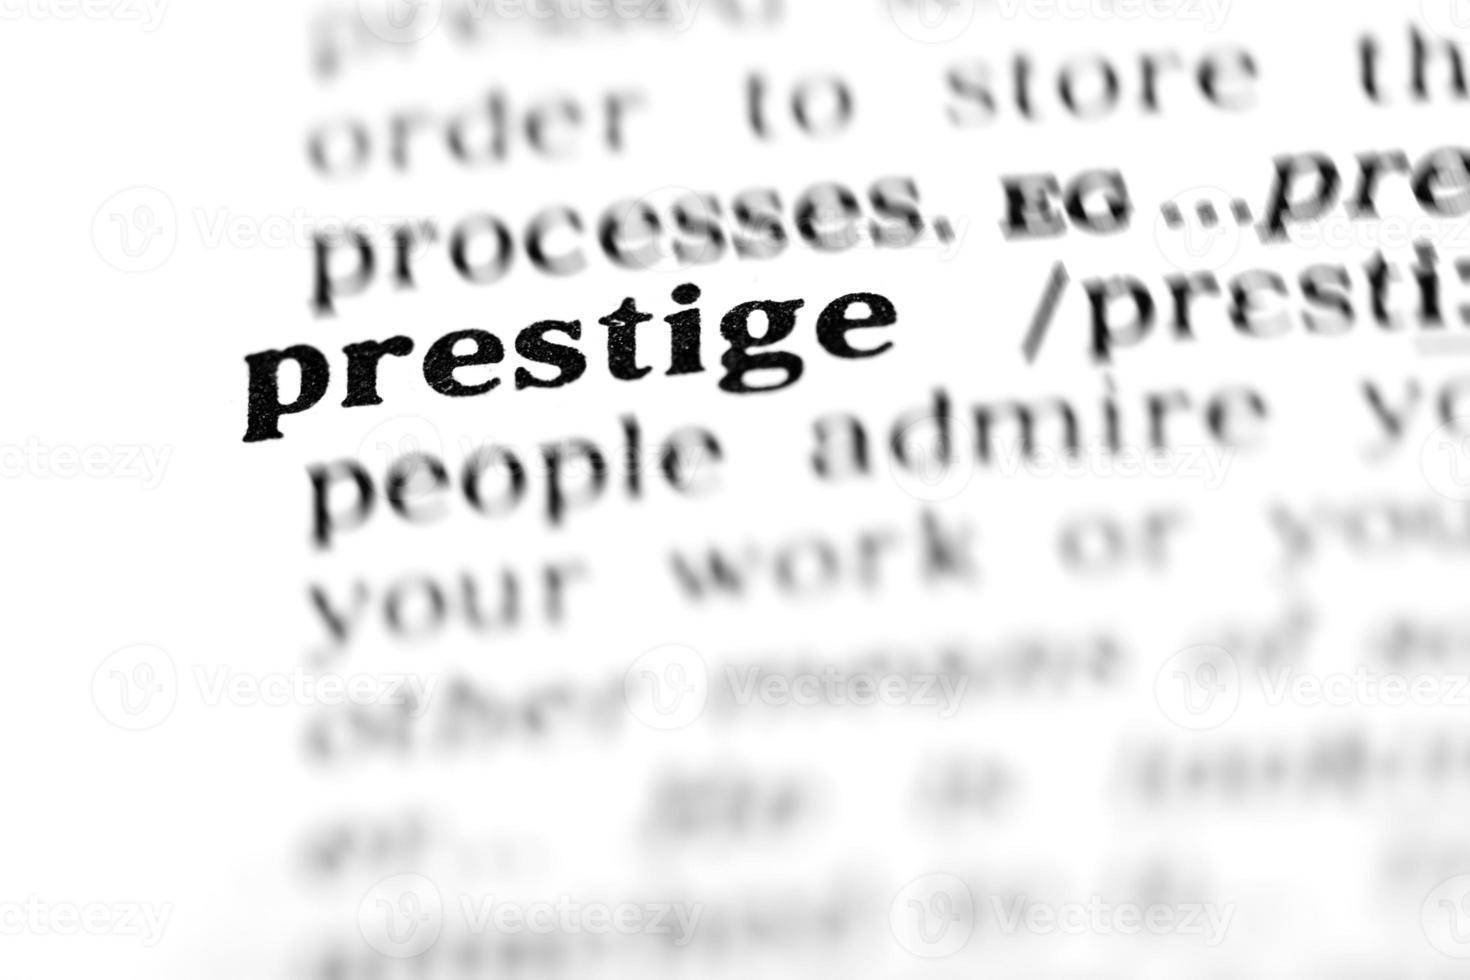 prestigio (el proyecto del diccionario) foto